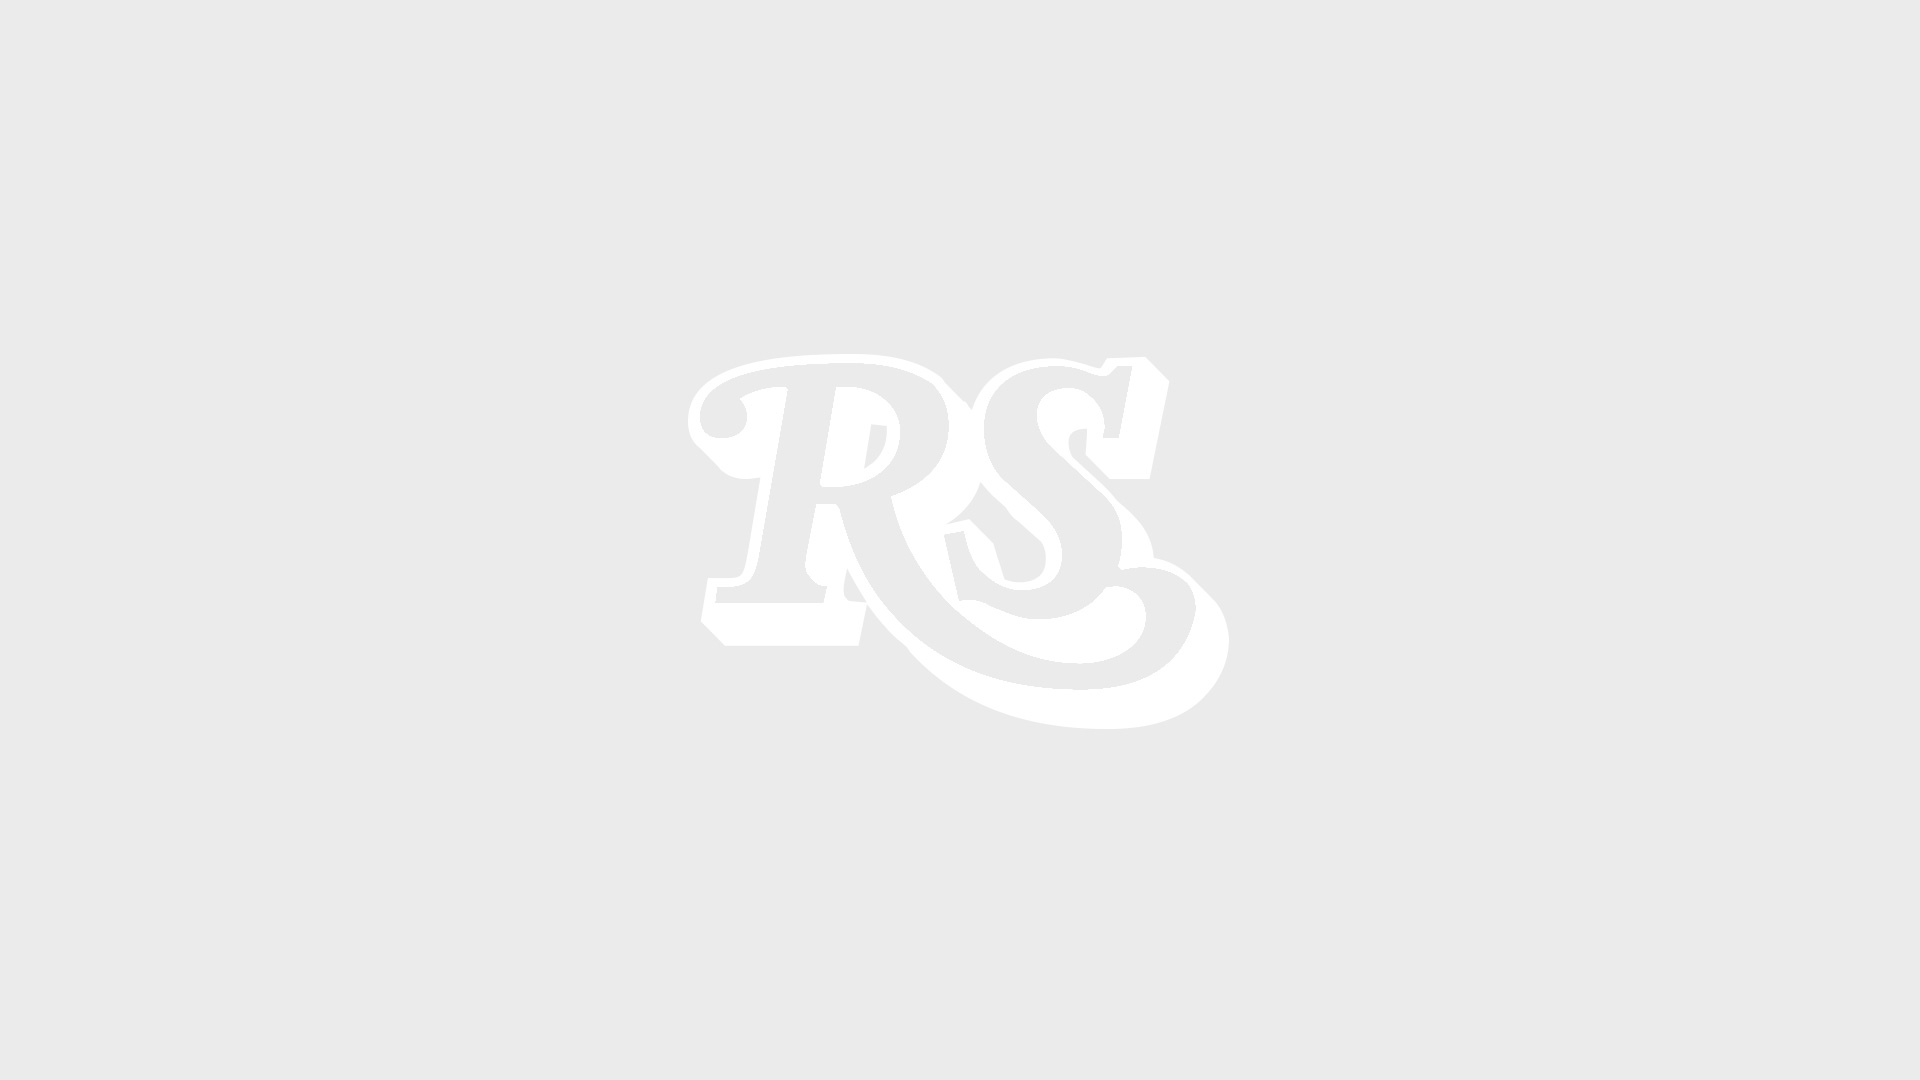 Sigur Ros live in der Wembley Arena am 21. November 2013, London